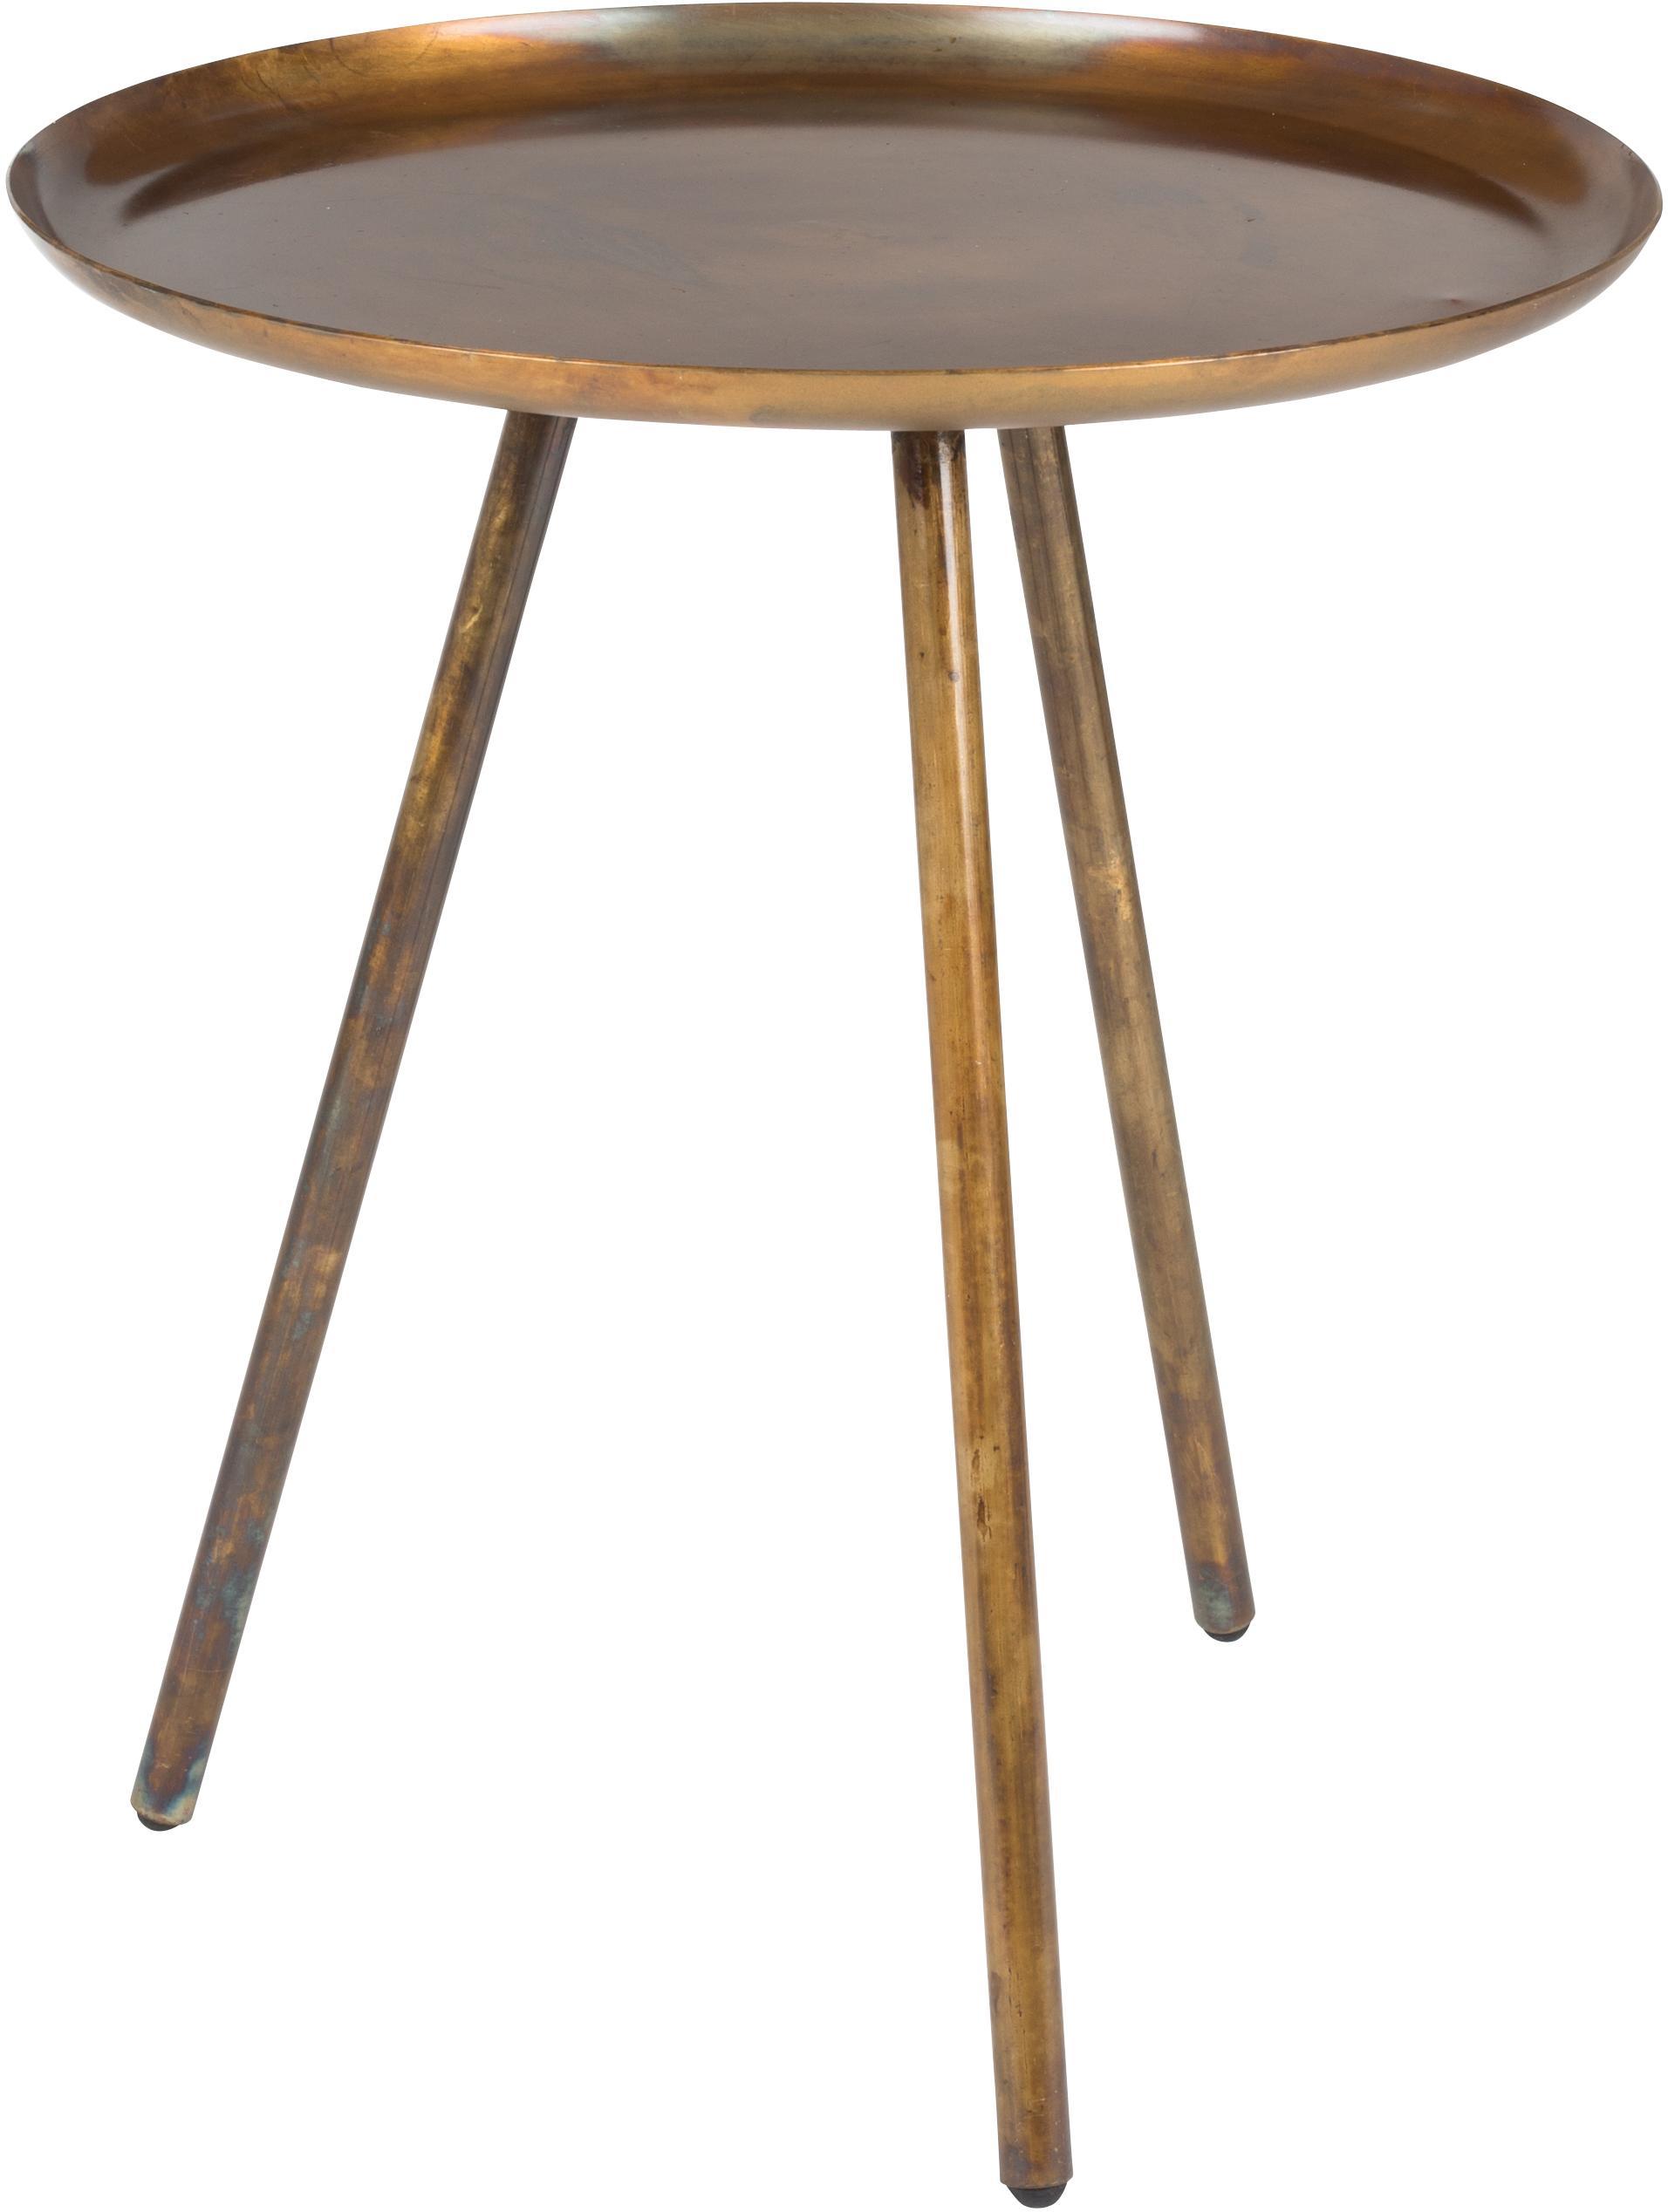 Mesa auxiliar redonda Frost, Dorado, cobre, efecto envejecido, Ø 39 x Al 45 cm